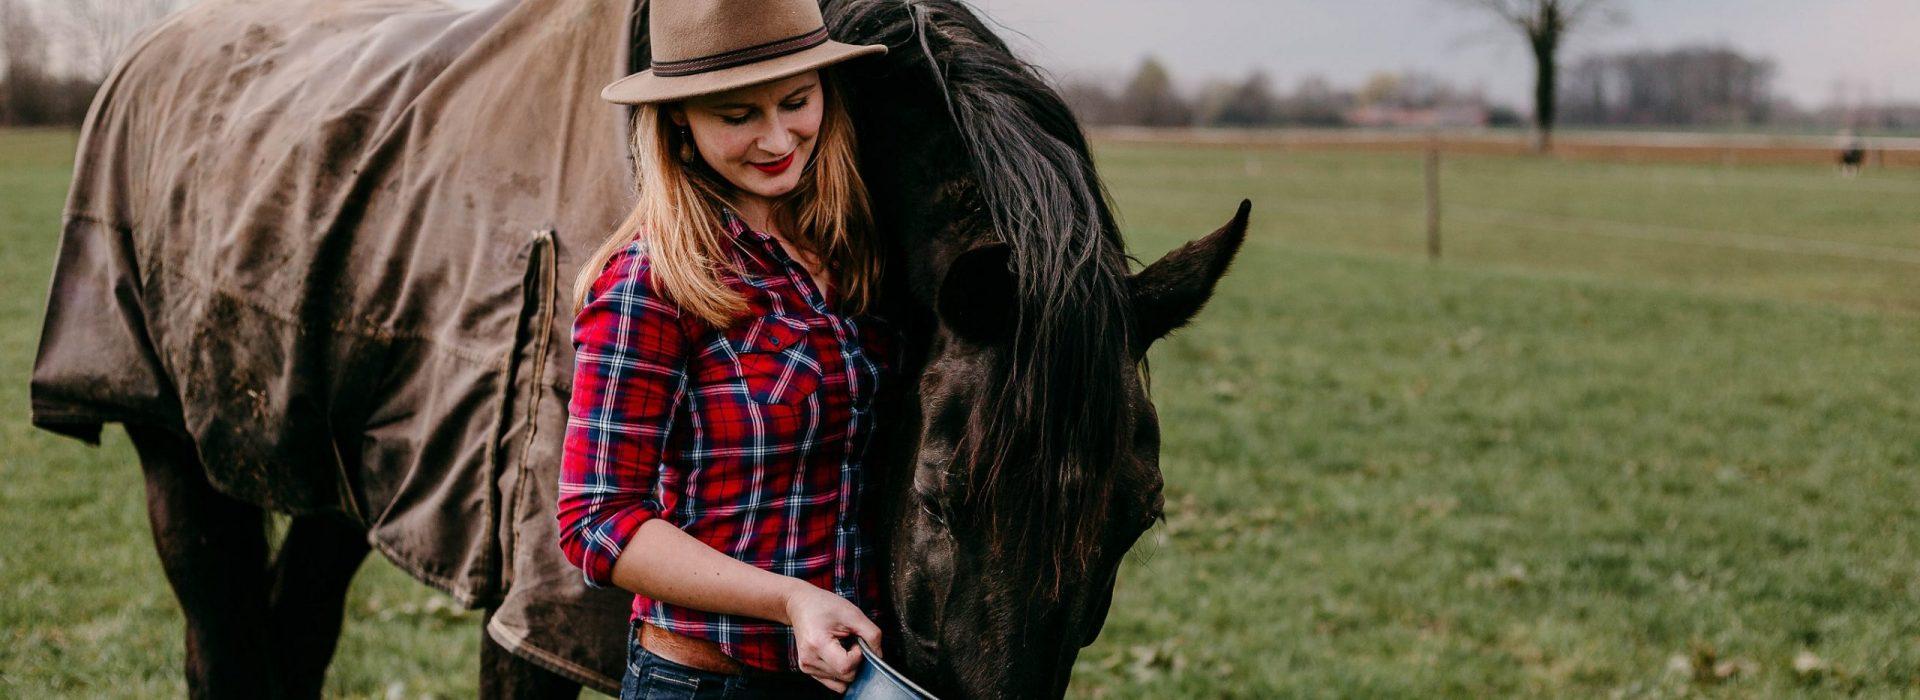 Paardrijden is ont-spannend